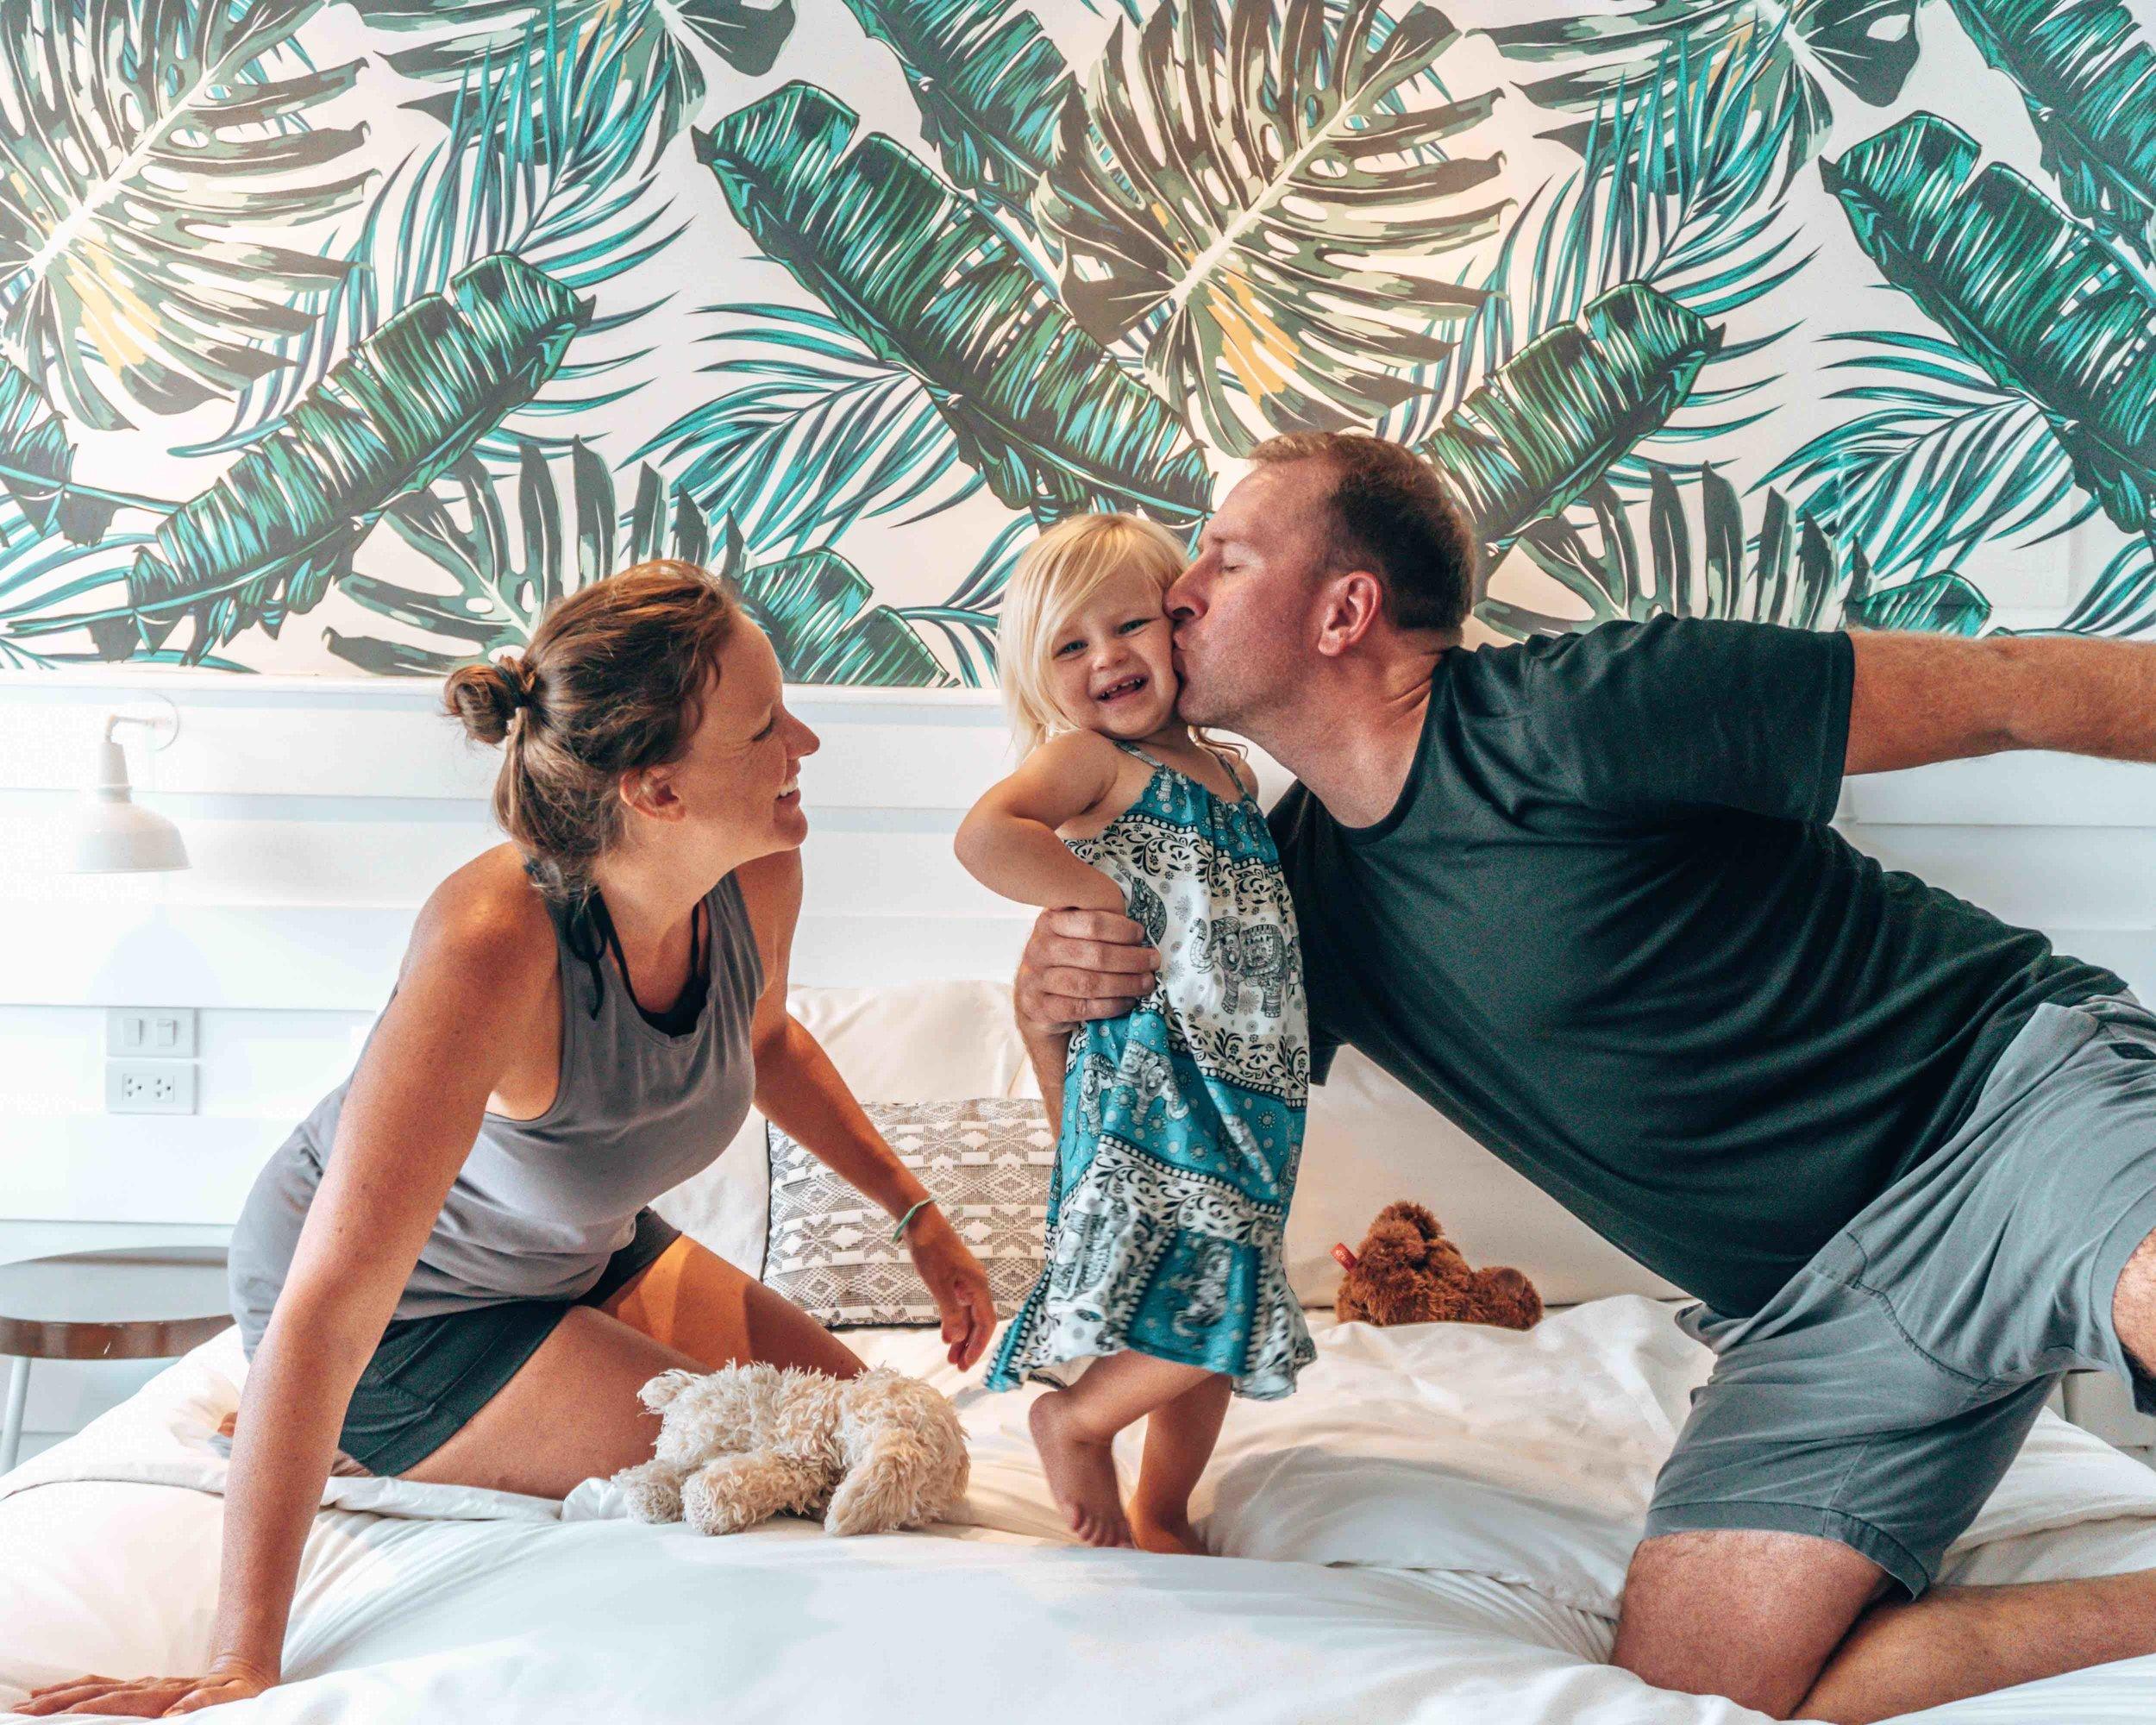 coast boracay_family_hotel room_stylish space_bed.jpg